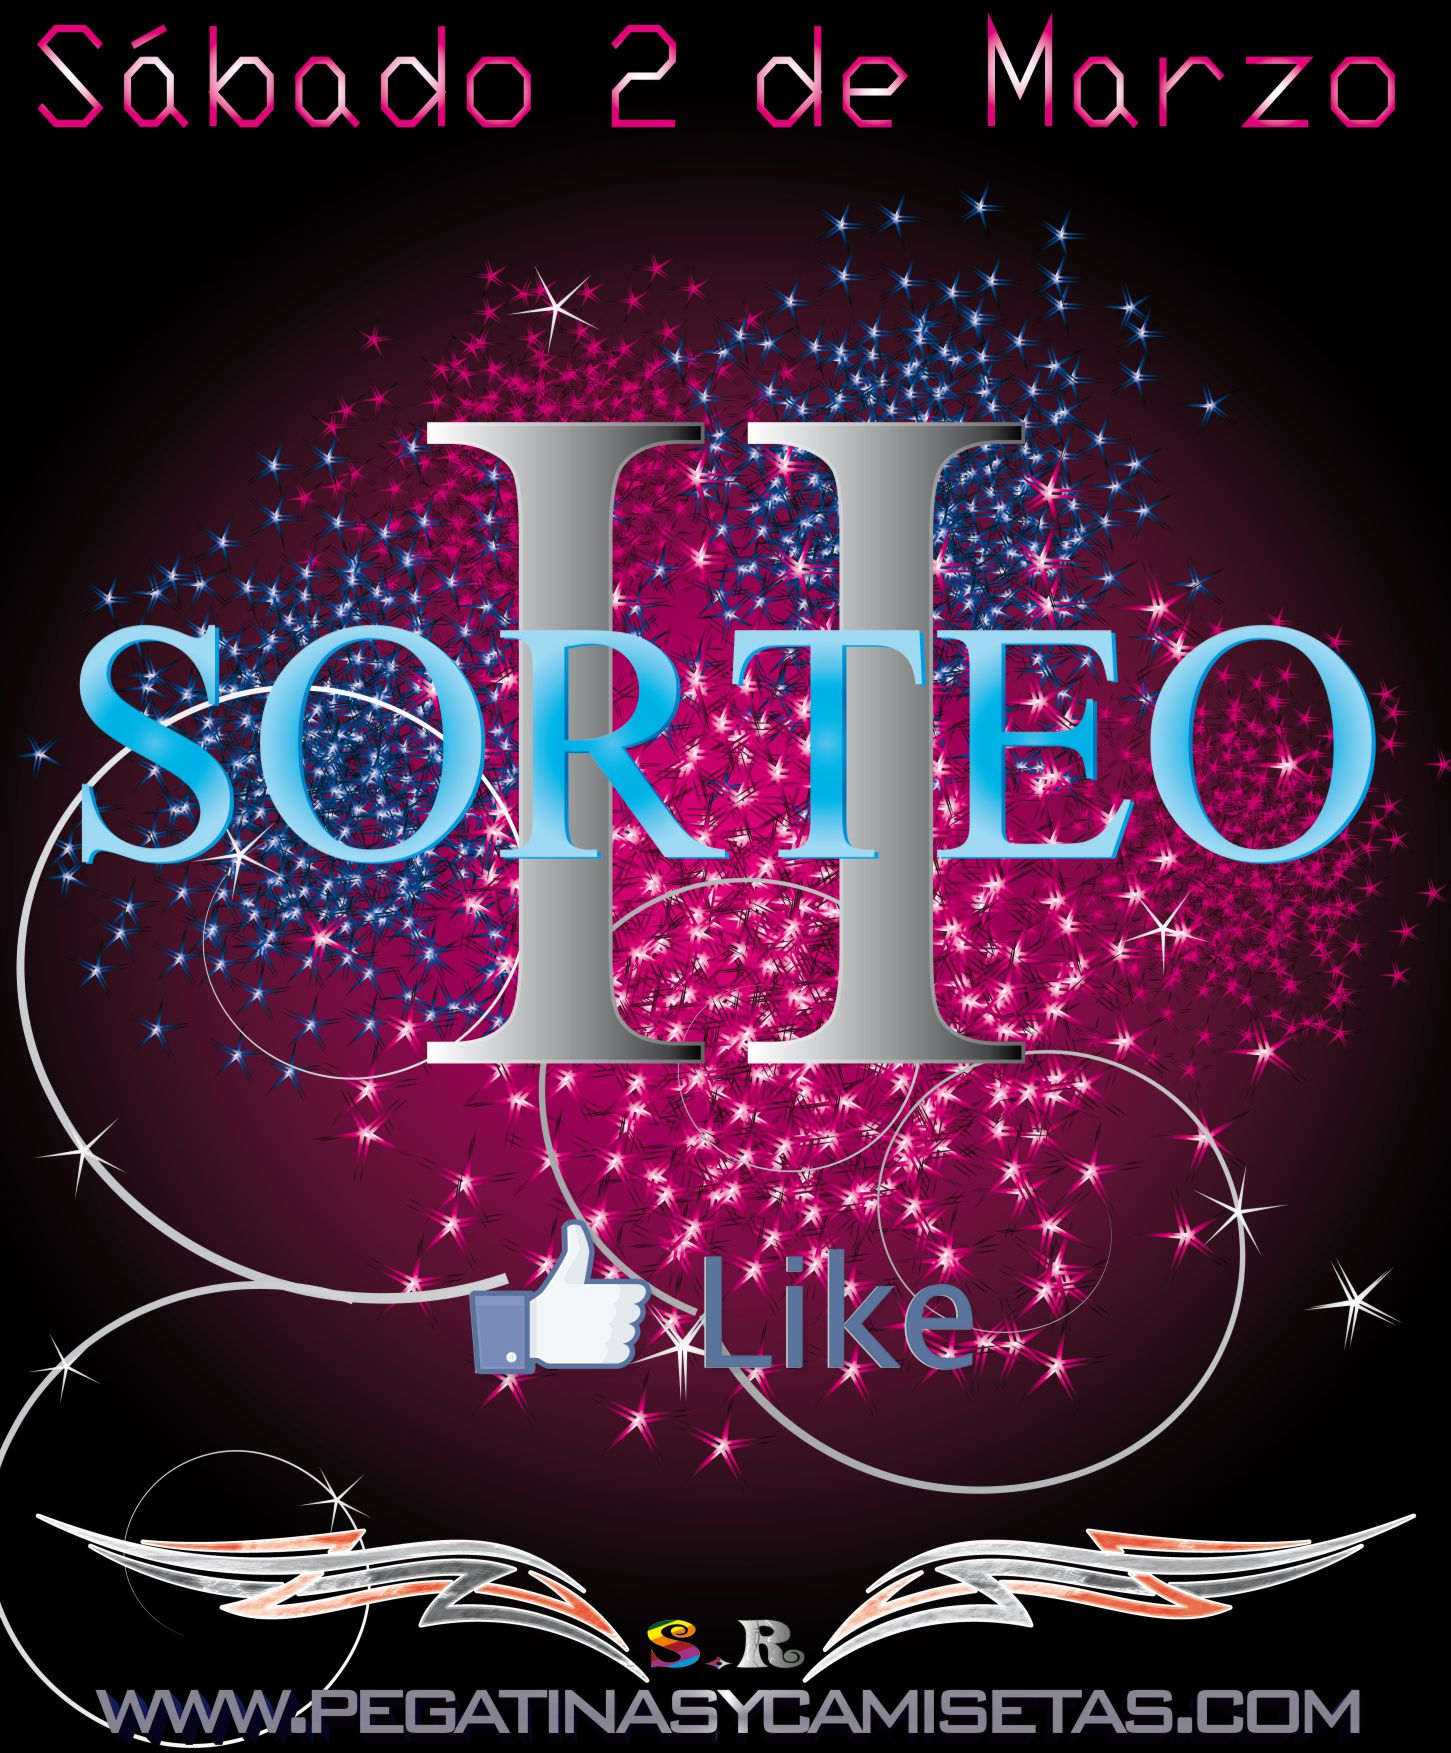 II Sorteo www.pegatinasycamisetas.com fan page